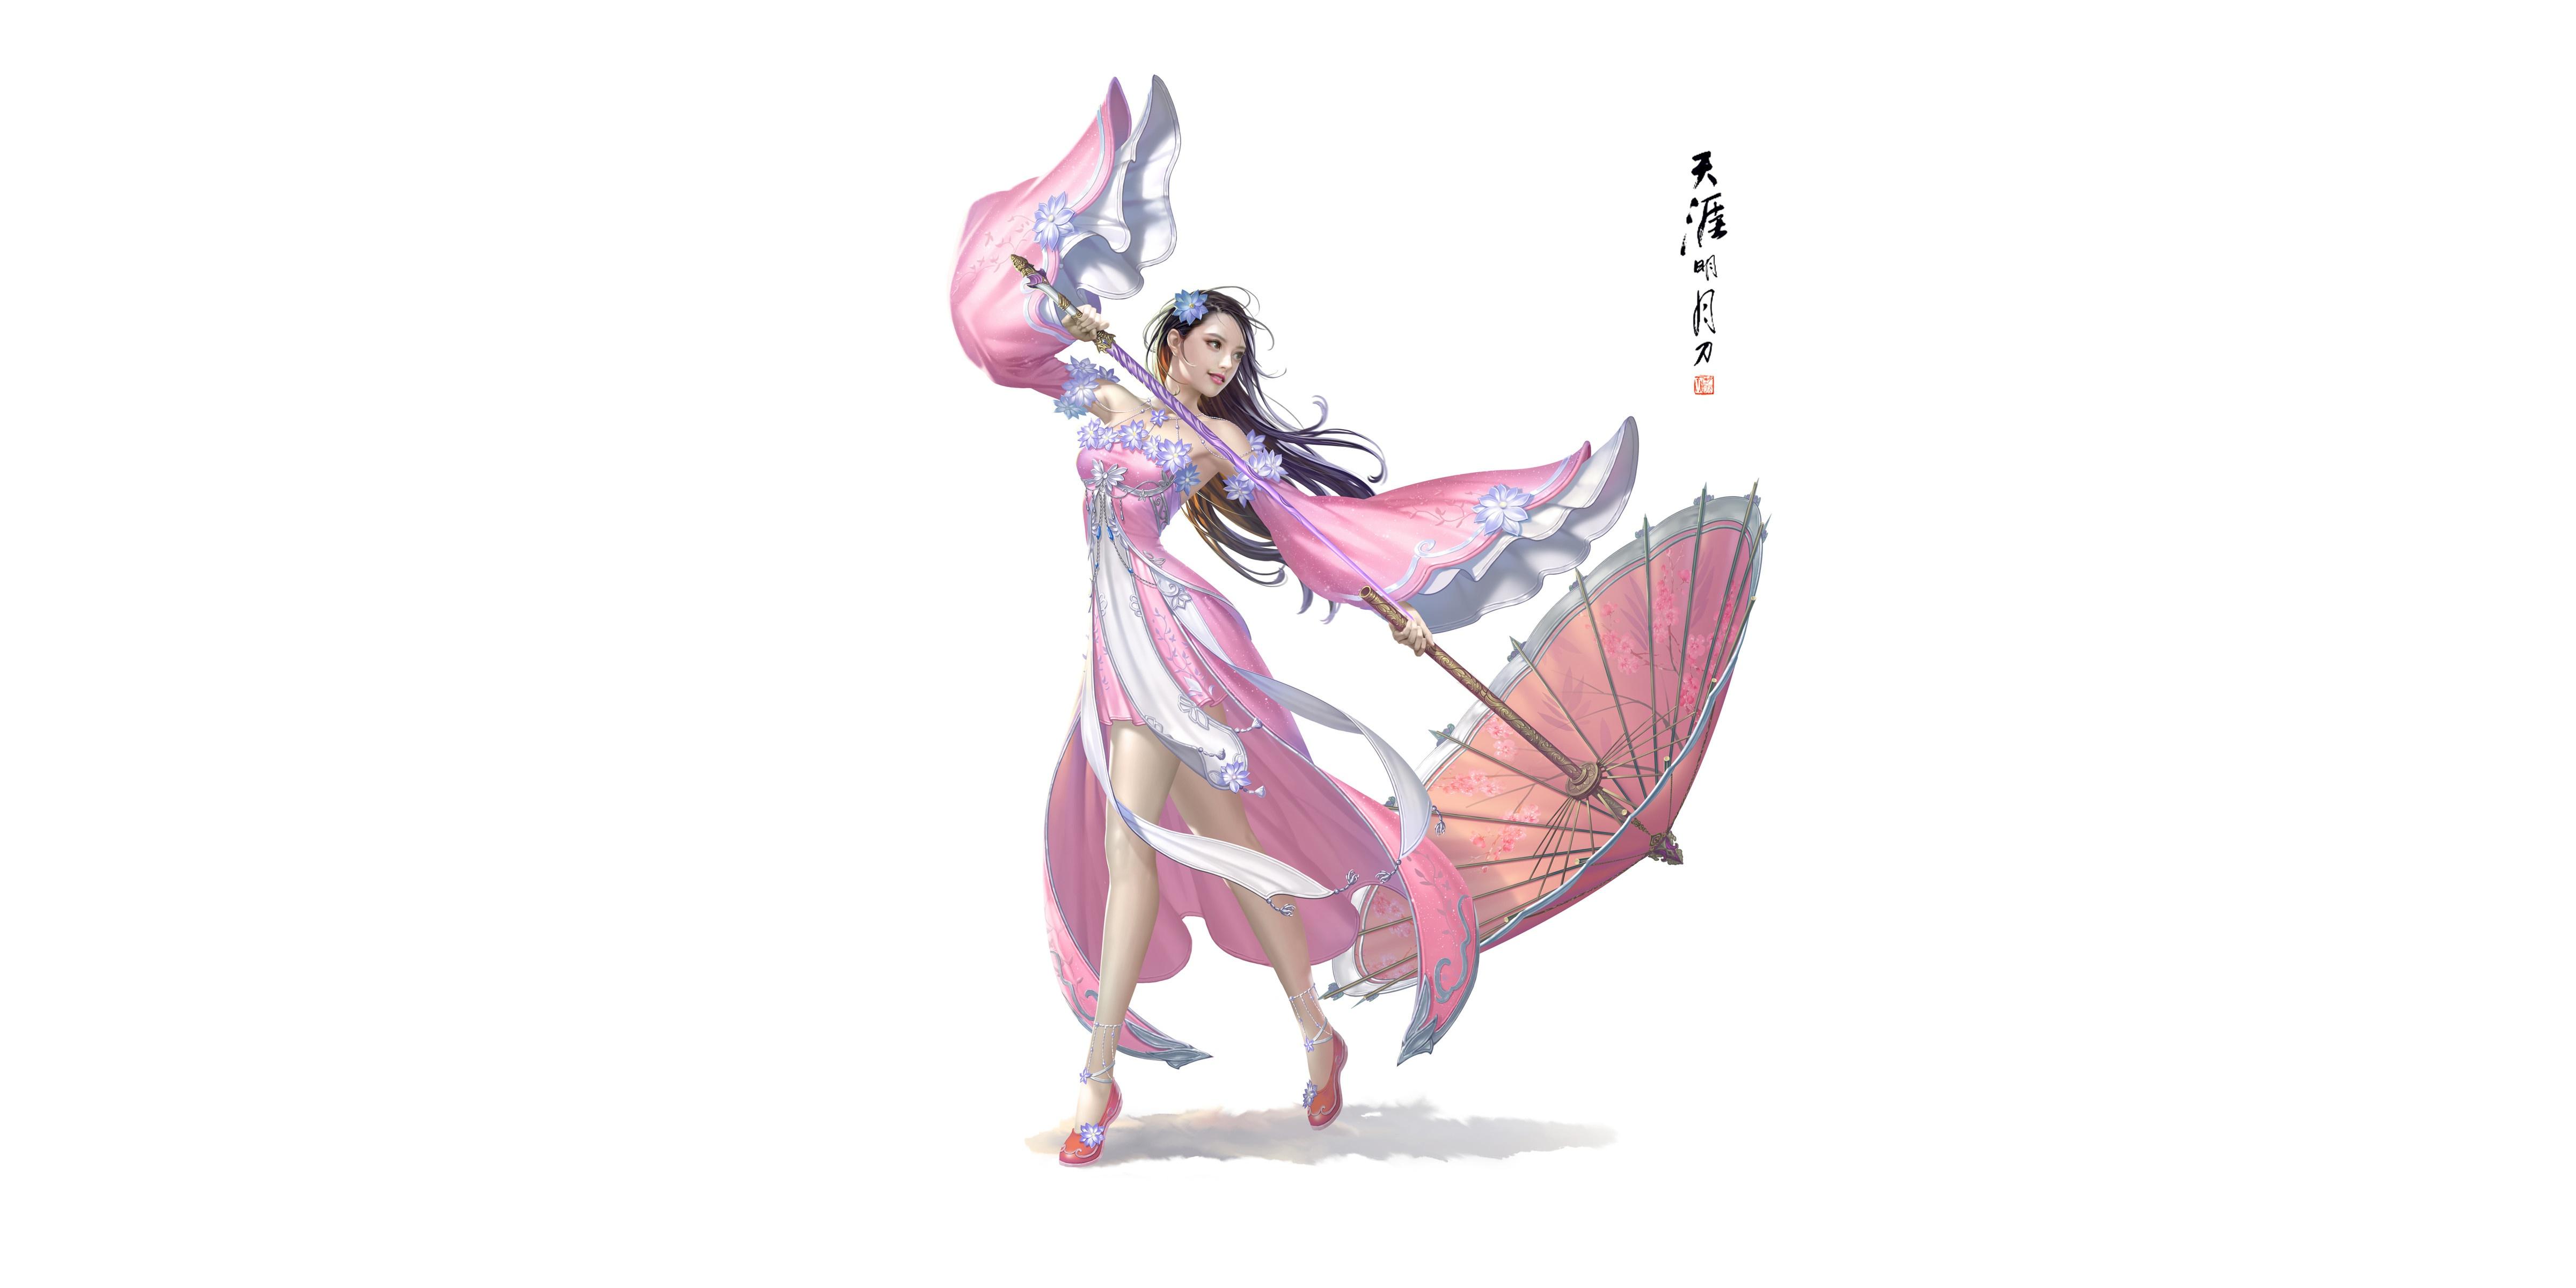 Картинка Bageumi Красивые молодая женщина азиатки зонтик белым фоном Платье 4800x2400 красивая красивый девушка Девушки молодые женщины Азиаты азиатка Зонт зонтом Белый фон белом фоне платья